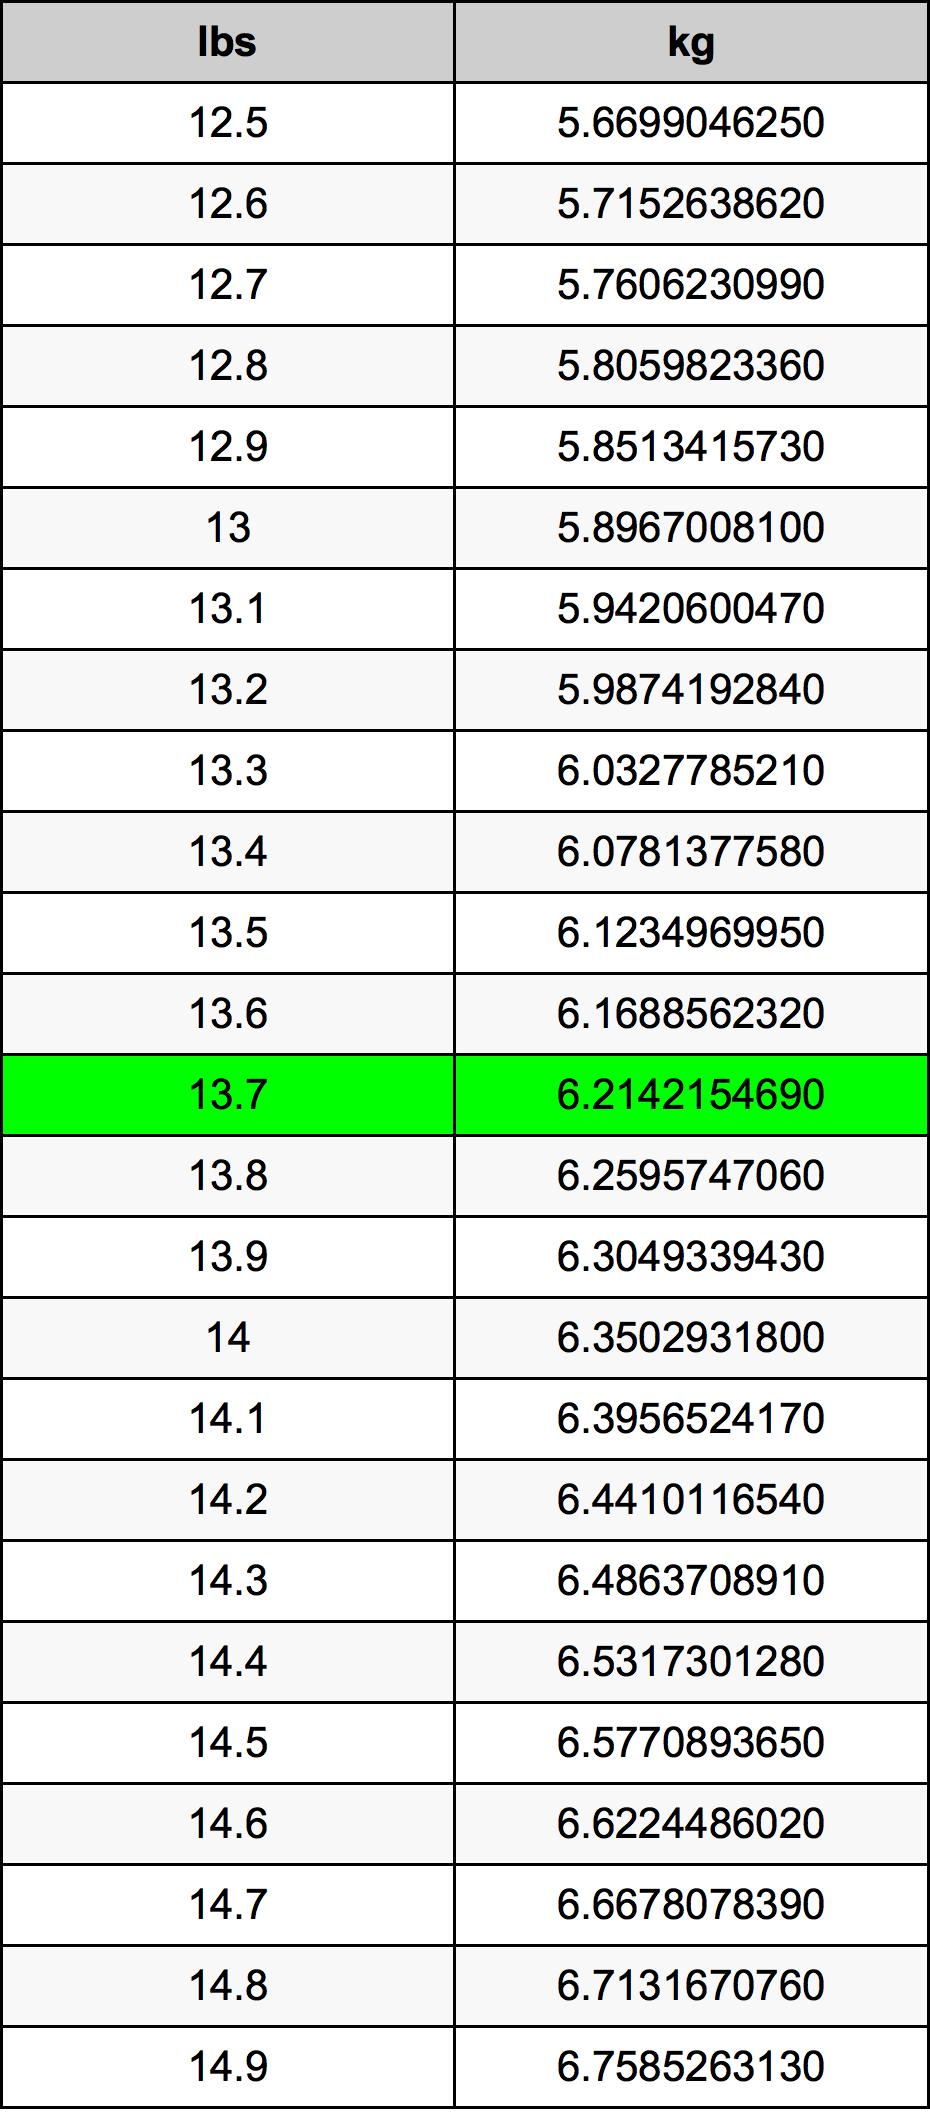 13.7 Libra převodní tabulka